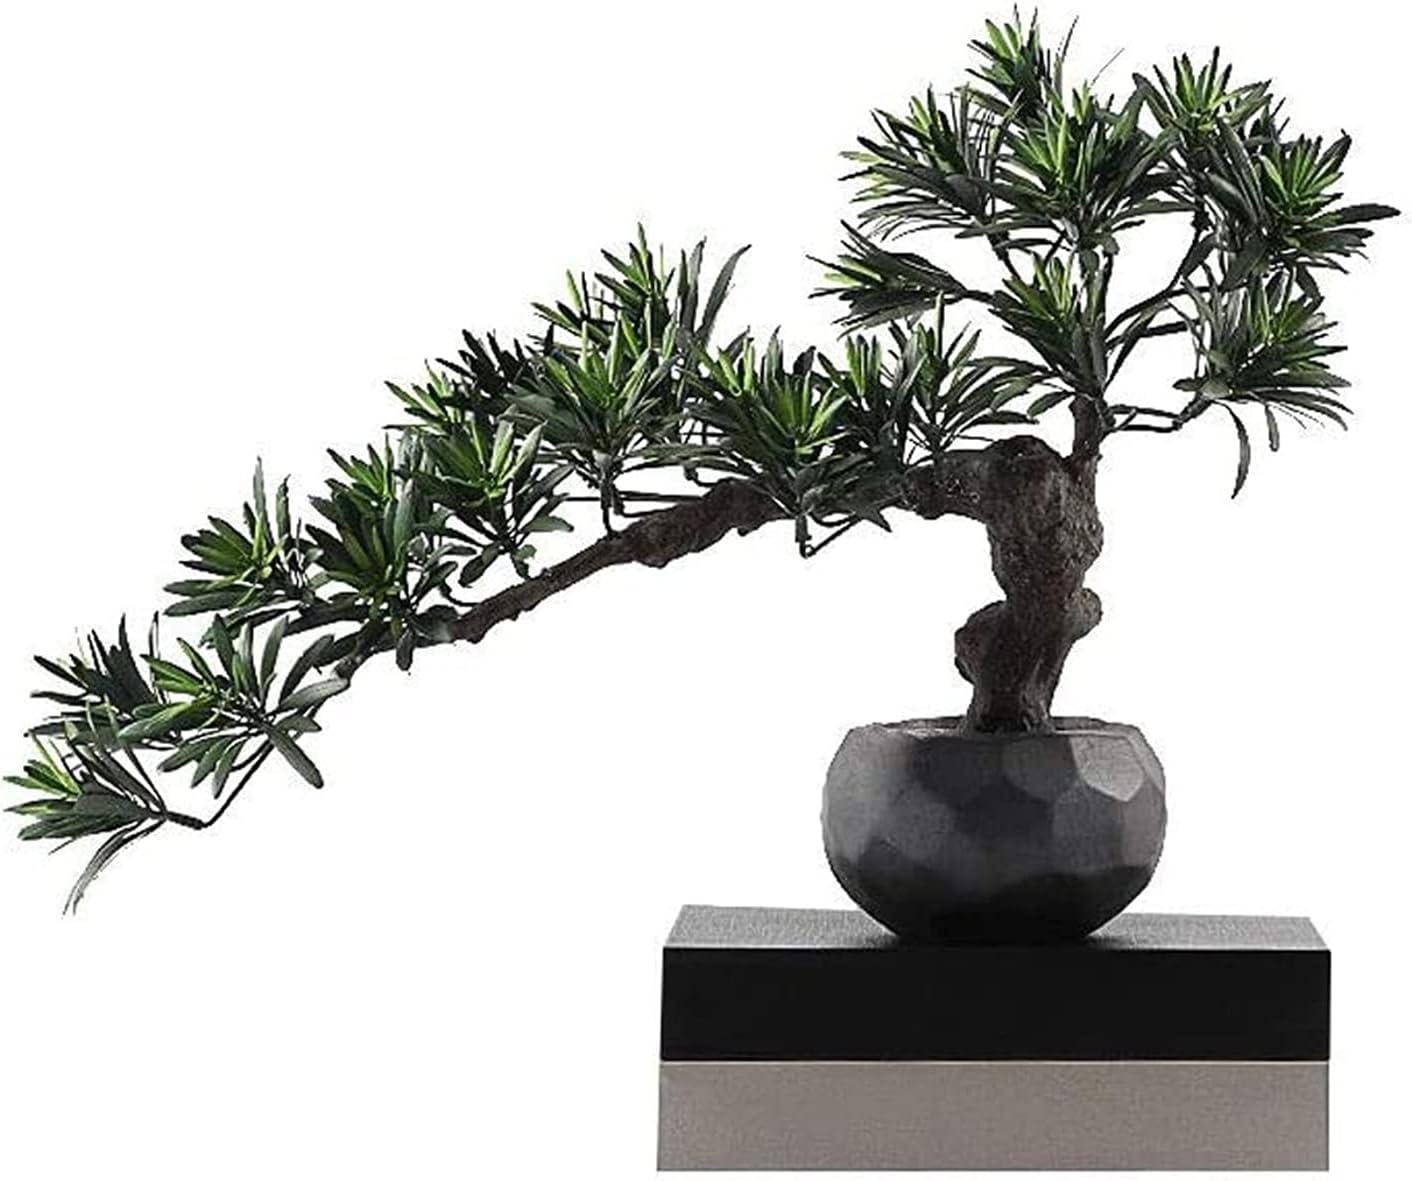 DSWHM Artificial Bonsai Tree Ornament Plant Boston Mall Simula Potted Genuine